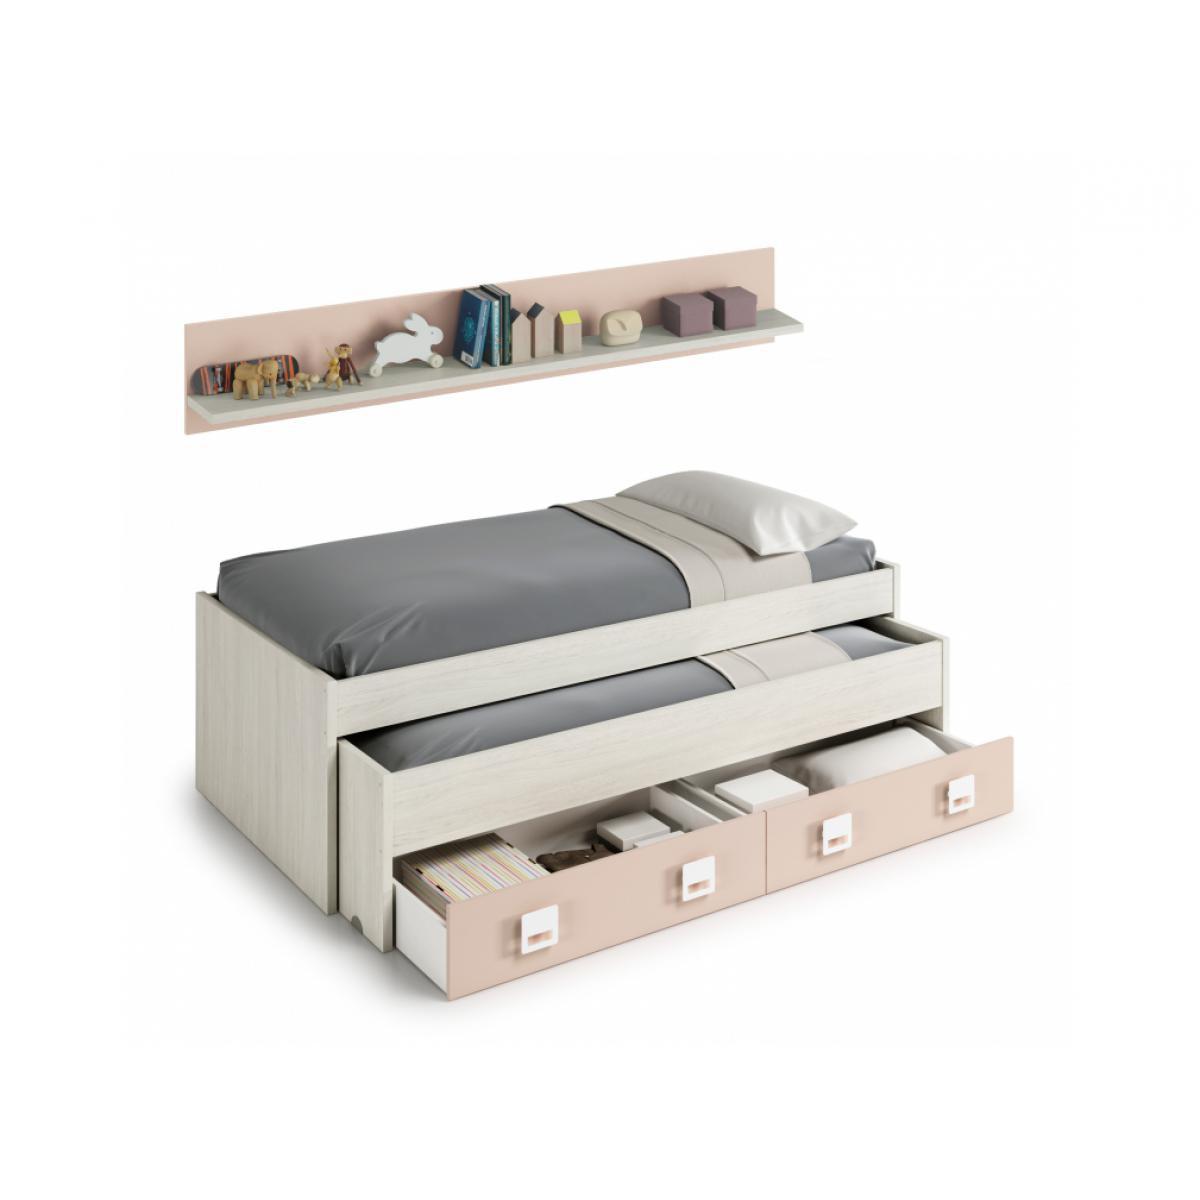 Usinestreet Lit Gigogne ROSA (190x90-180x90) avec 2 tiroirs et 1 étagère - Blanc / Rose, Largeur - 90 cm